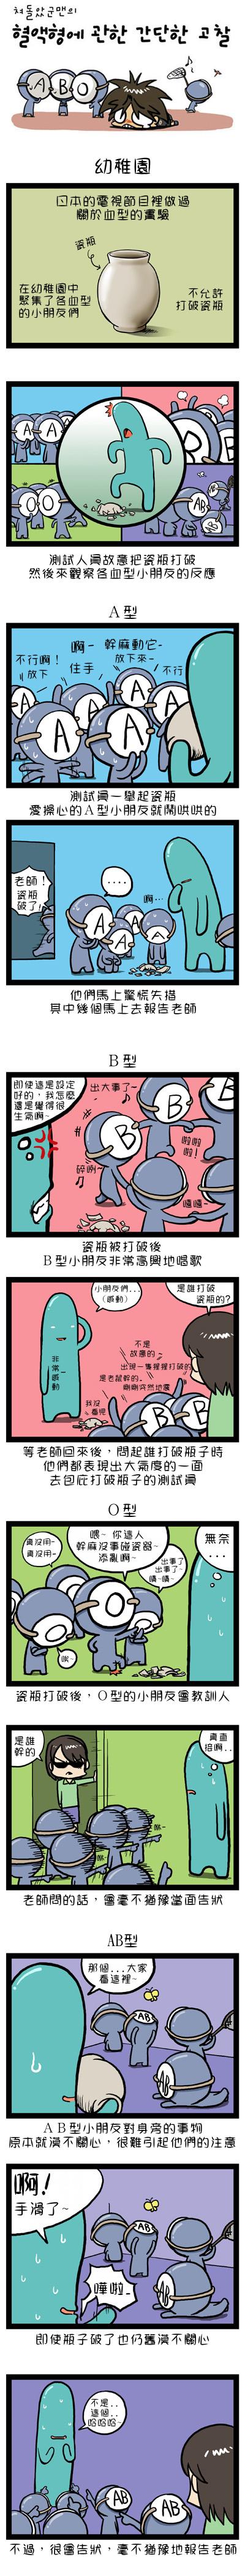 血型爆笑漫畫1.jpg